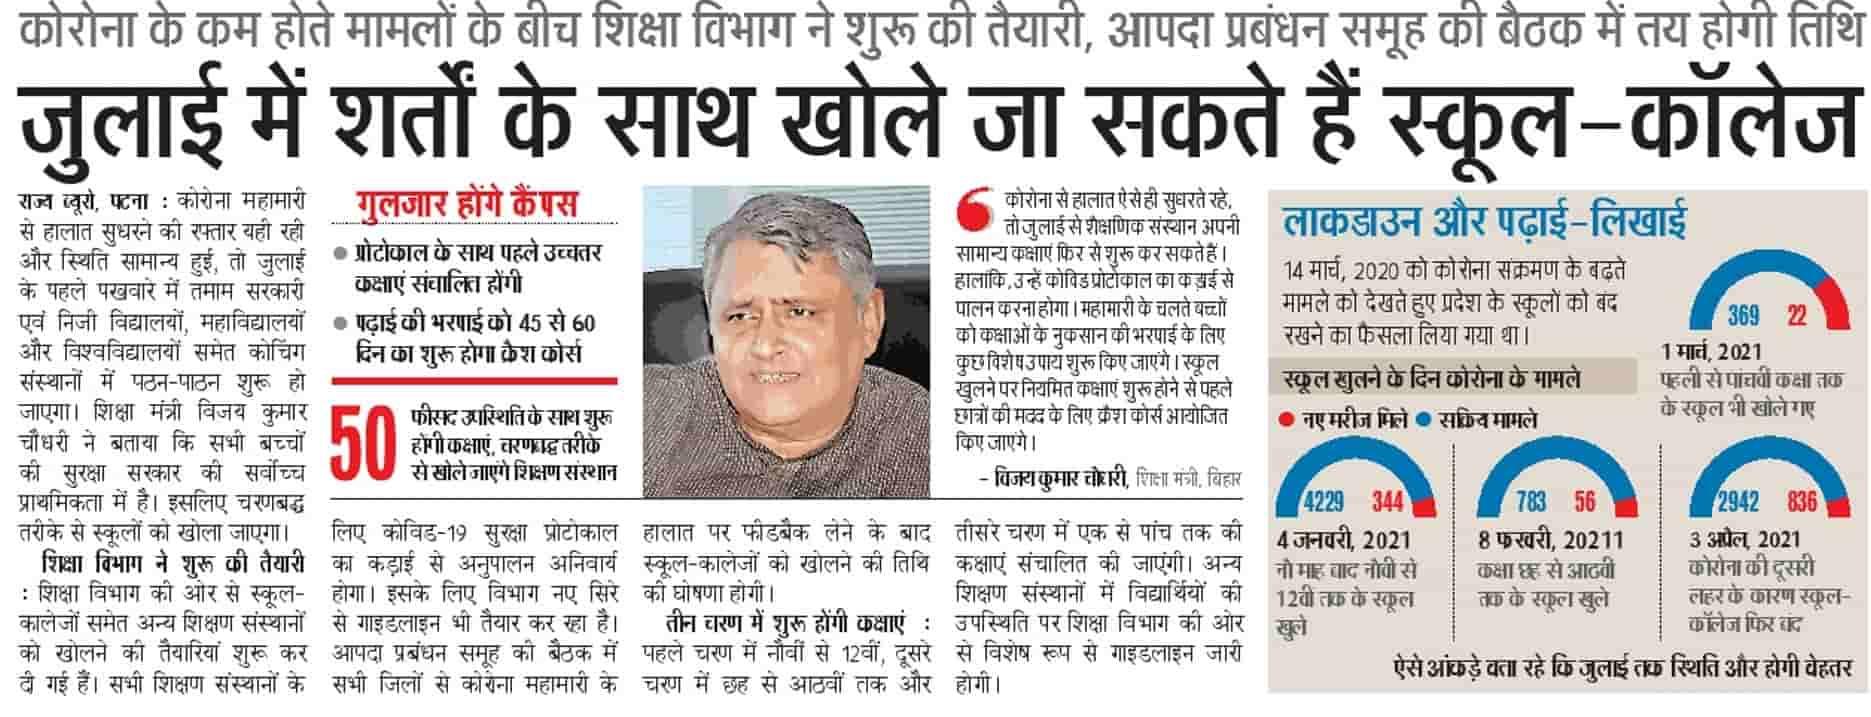 Bihar Me School Kab Khulega 2021